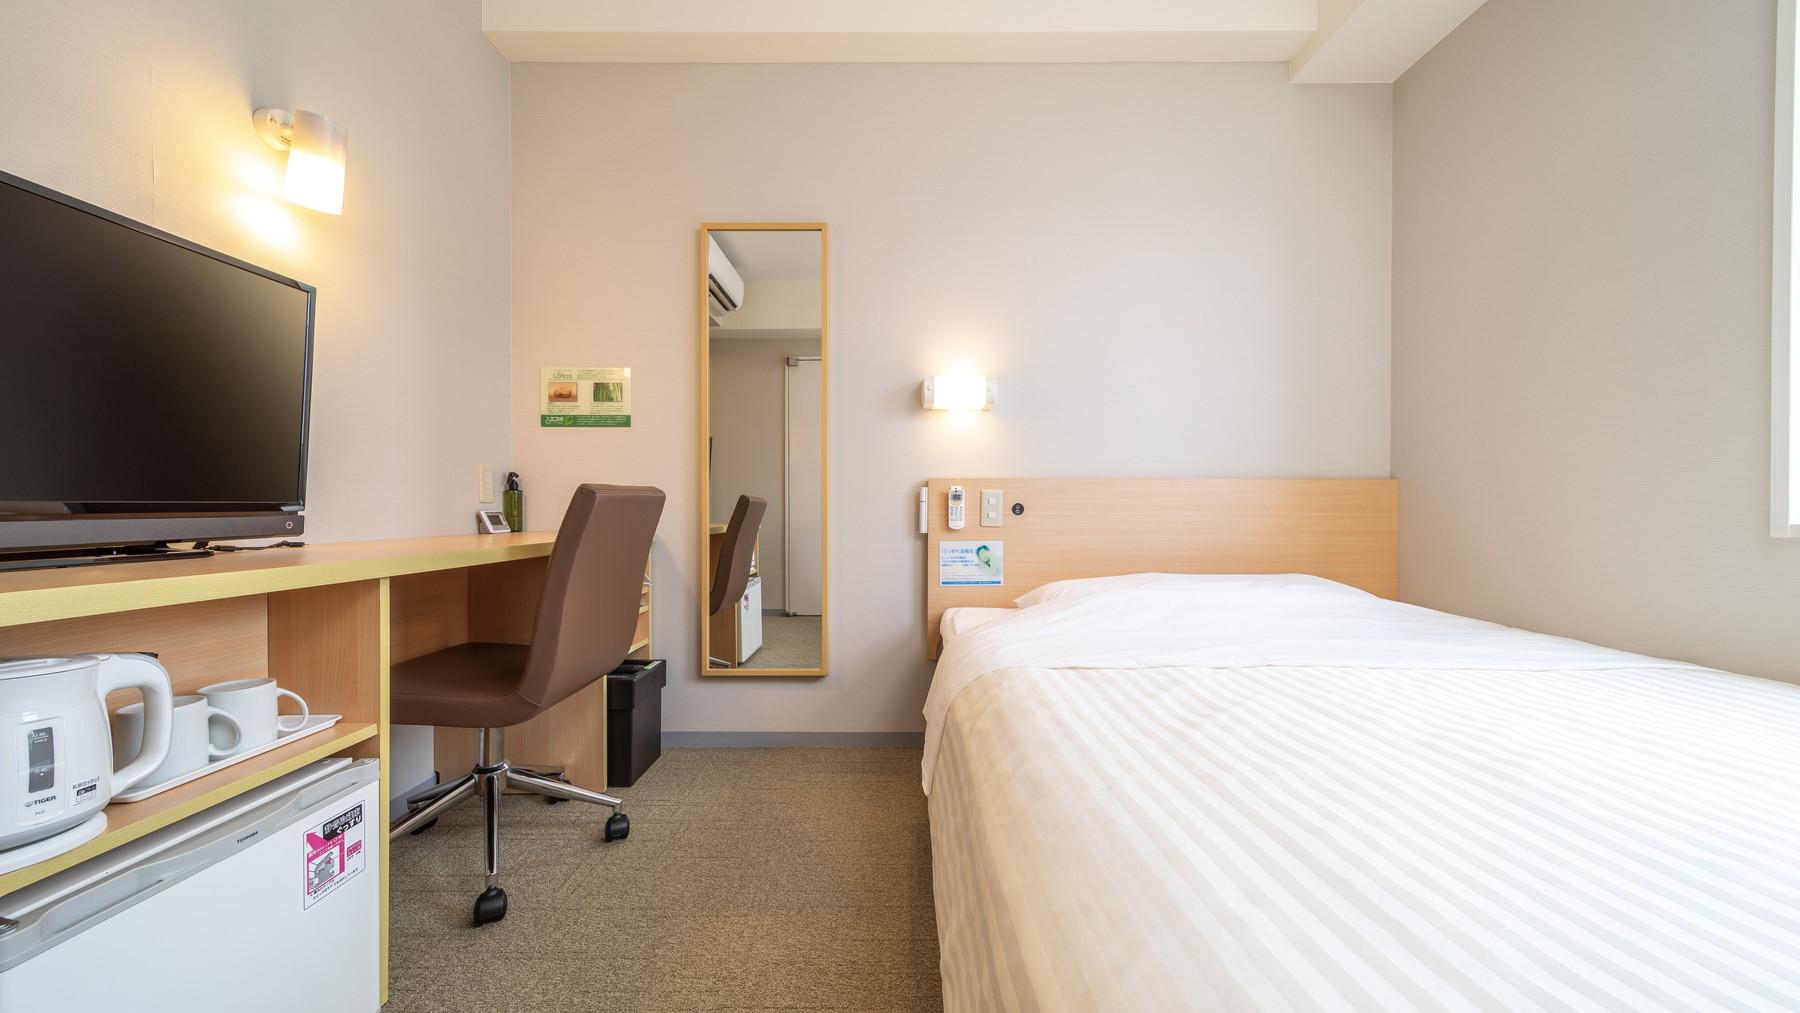 スタンダードなお部屋でもベッドは150cm幅のダブルベッド♪